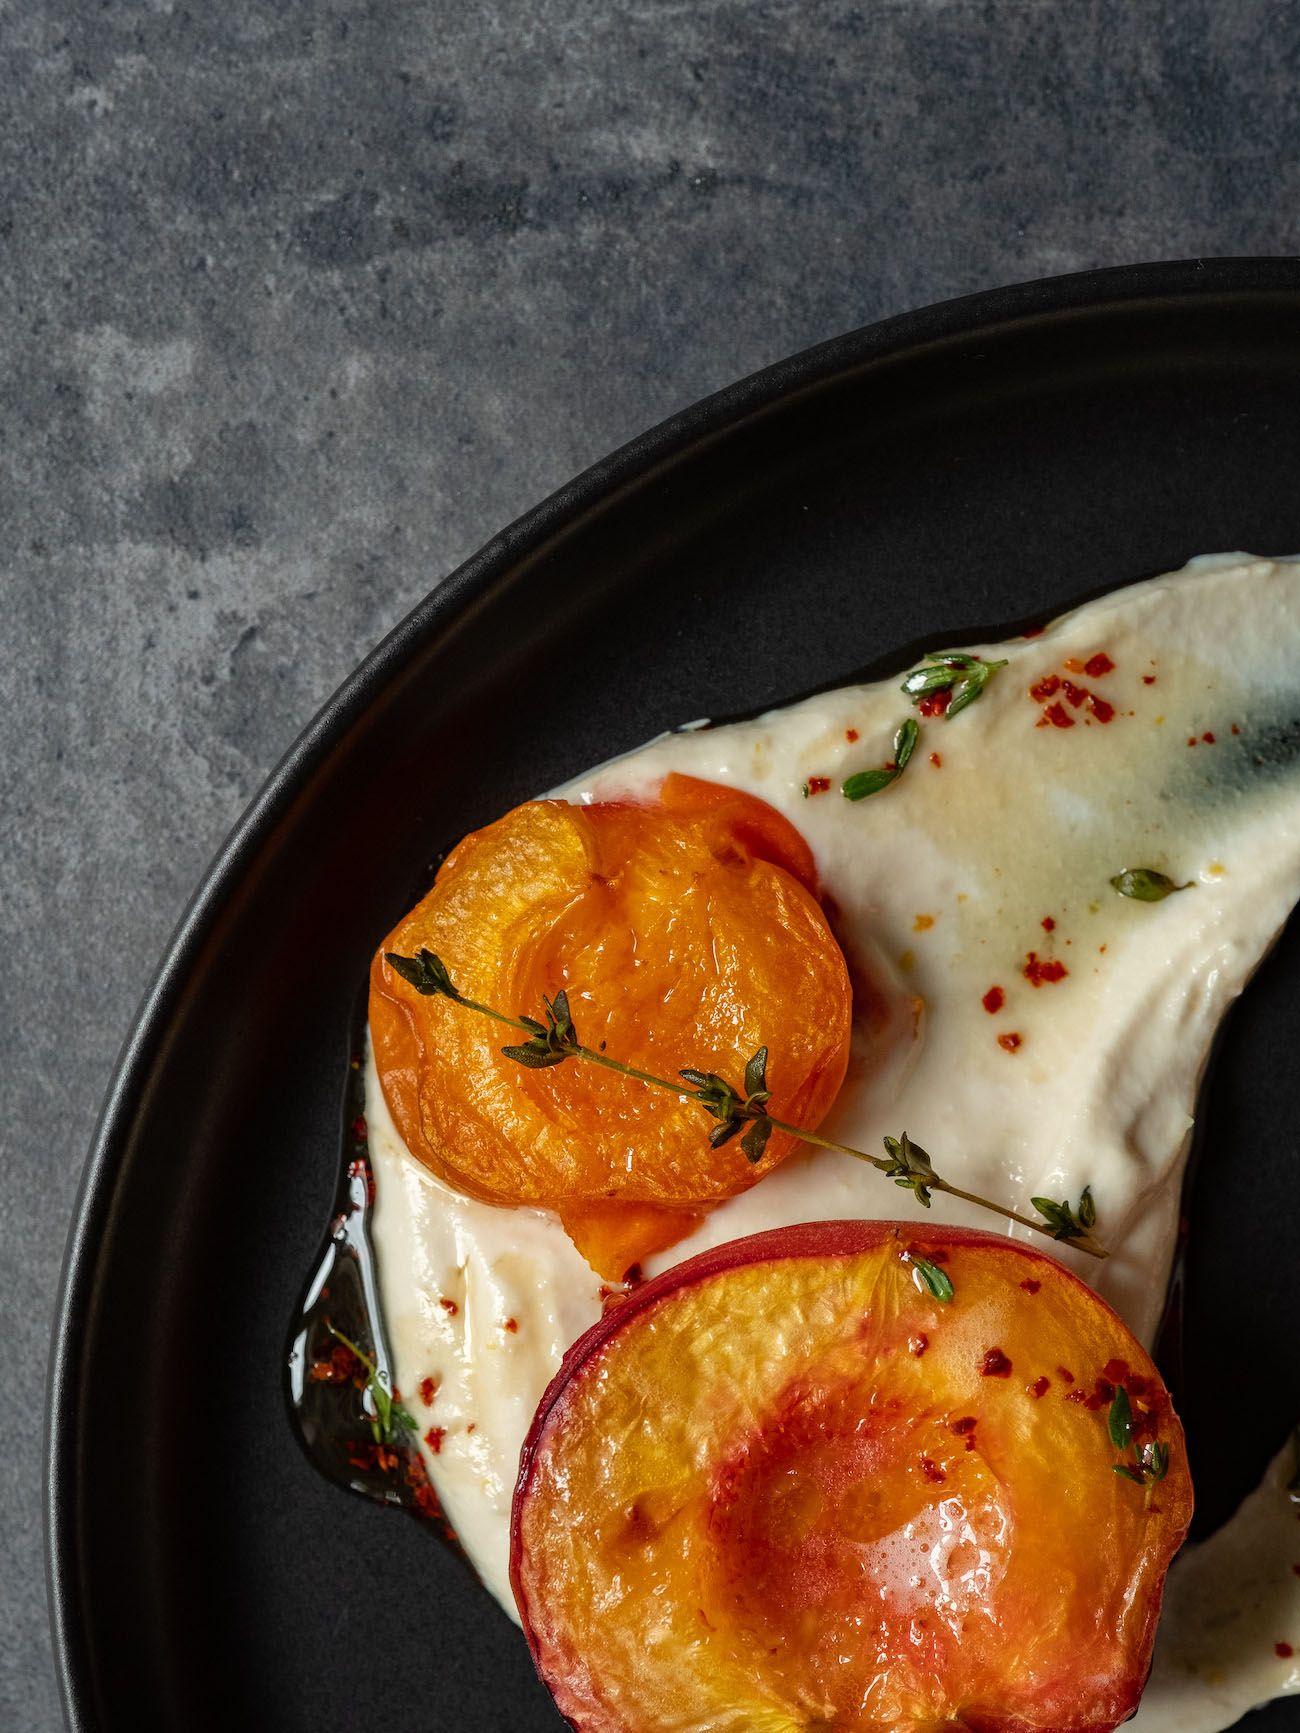 About Fuel, Foodblog, Rezept, Gebackene Pfirsiche und Aprikosen, Zitronen Ricotta, Ahornsirup